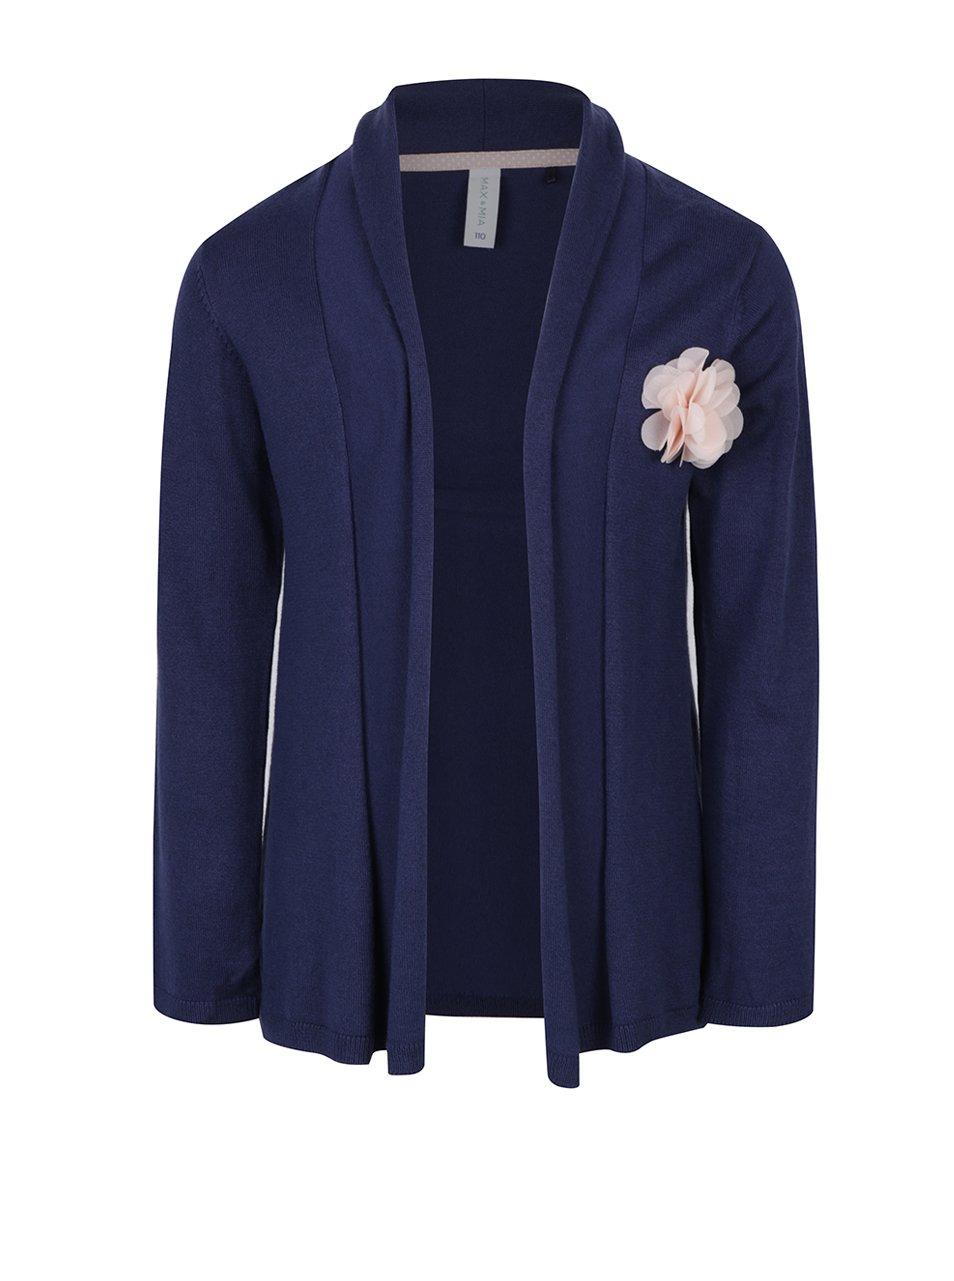 Tmavě modrý holčičí cardigan s plastickým detailem květu 5.10.15.